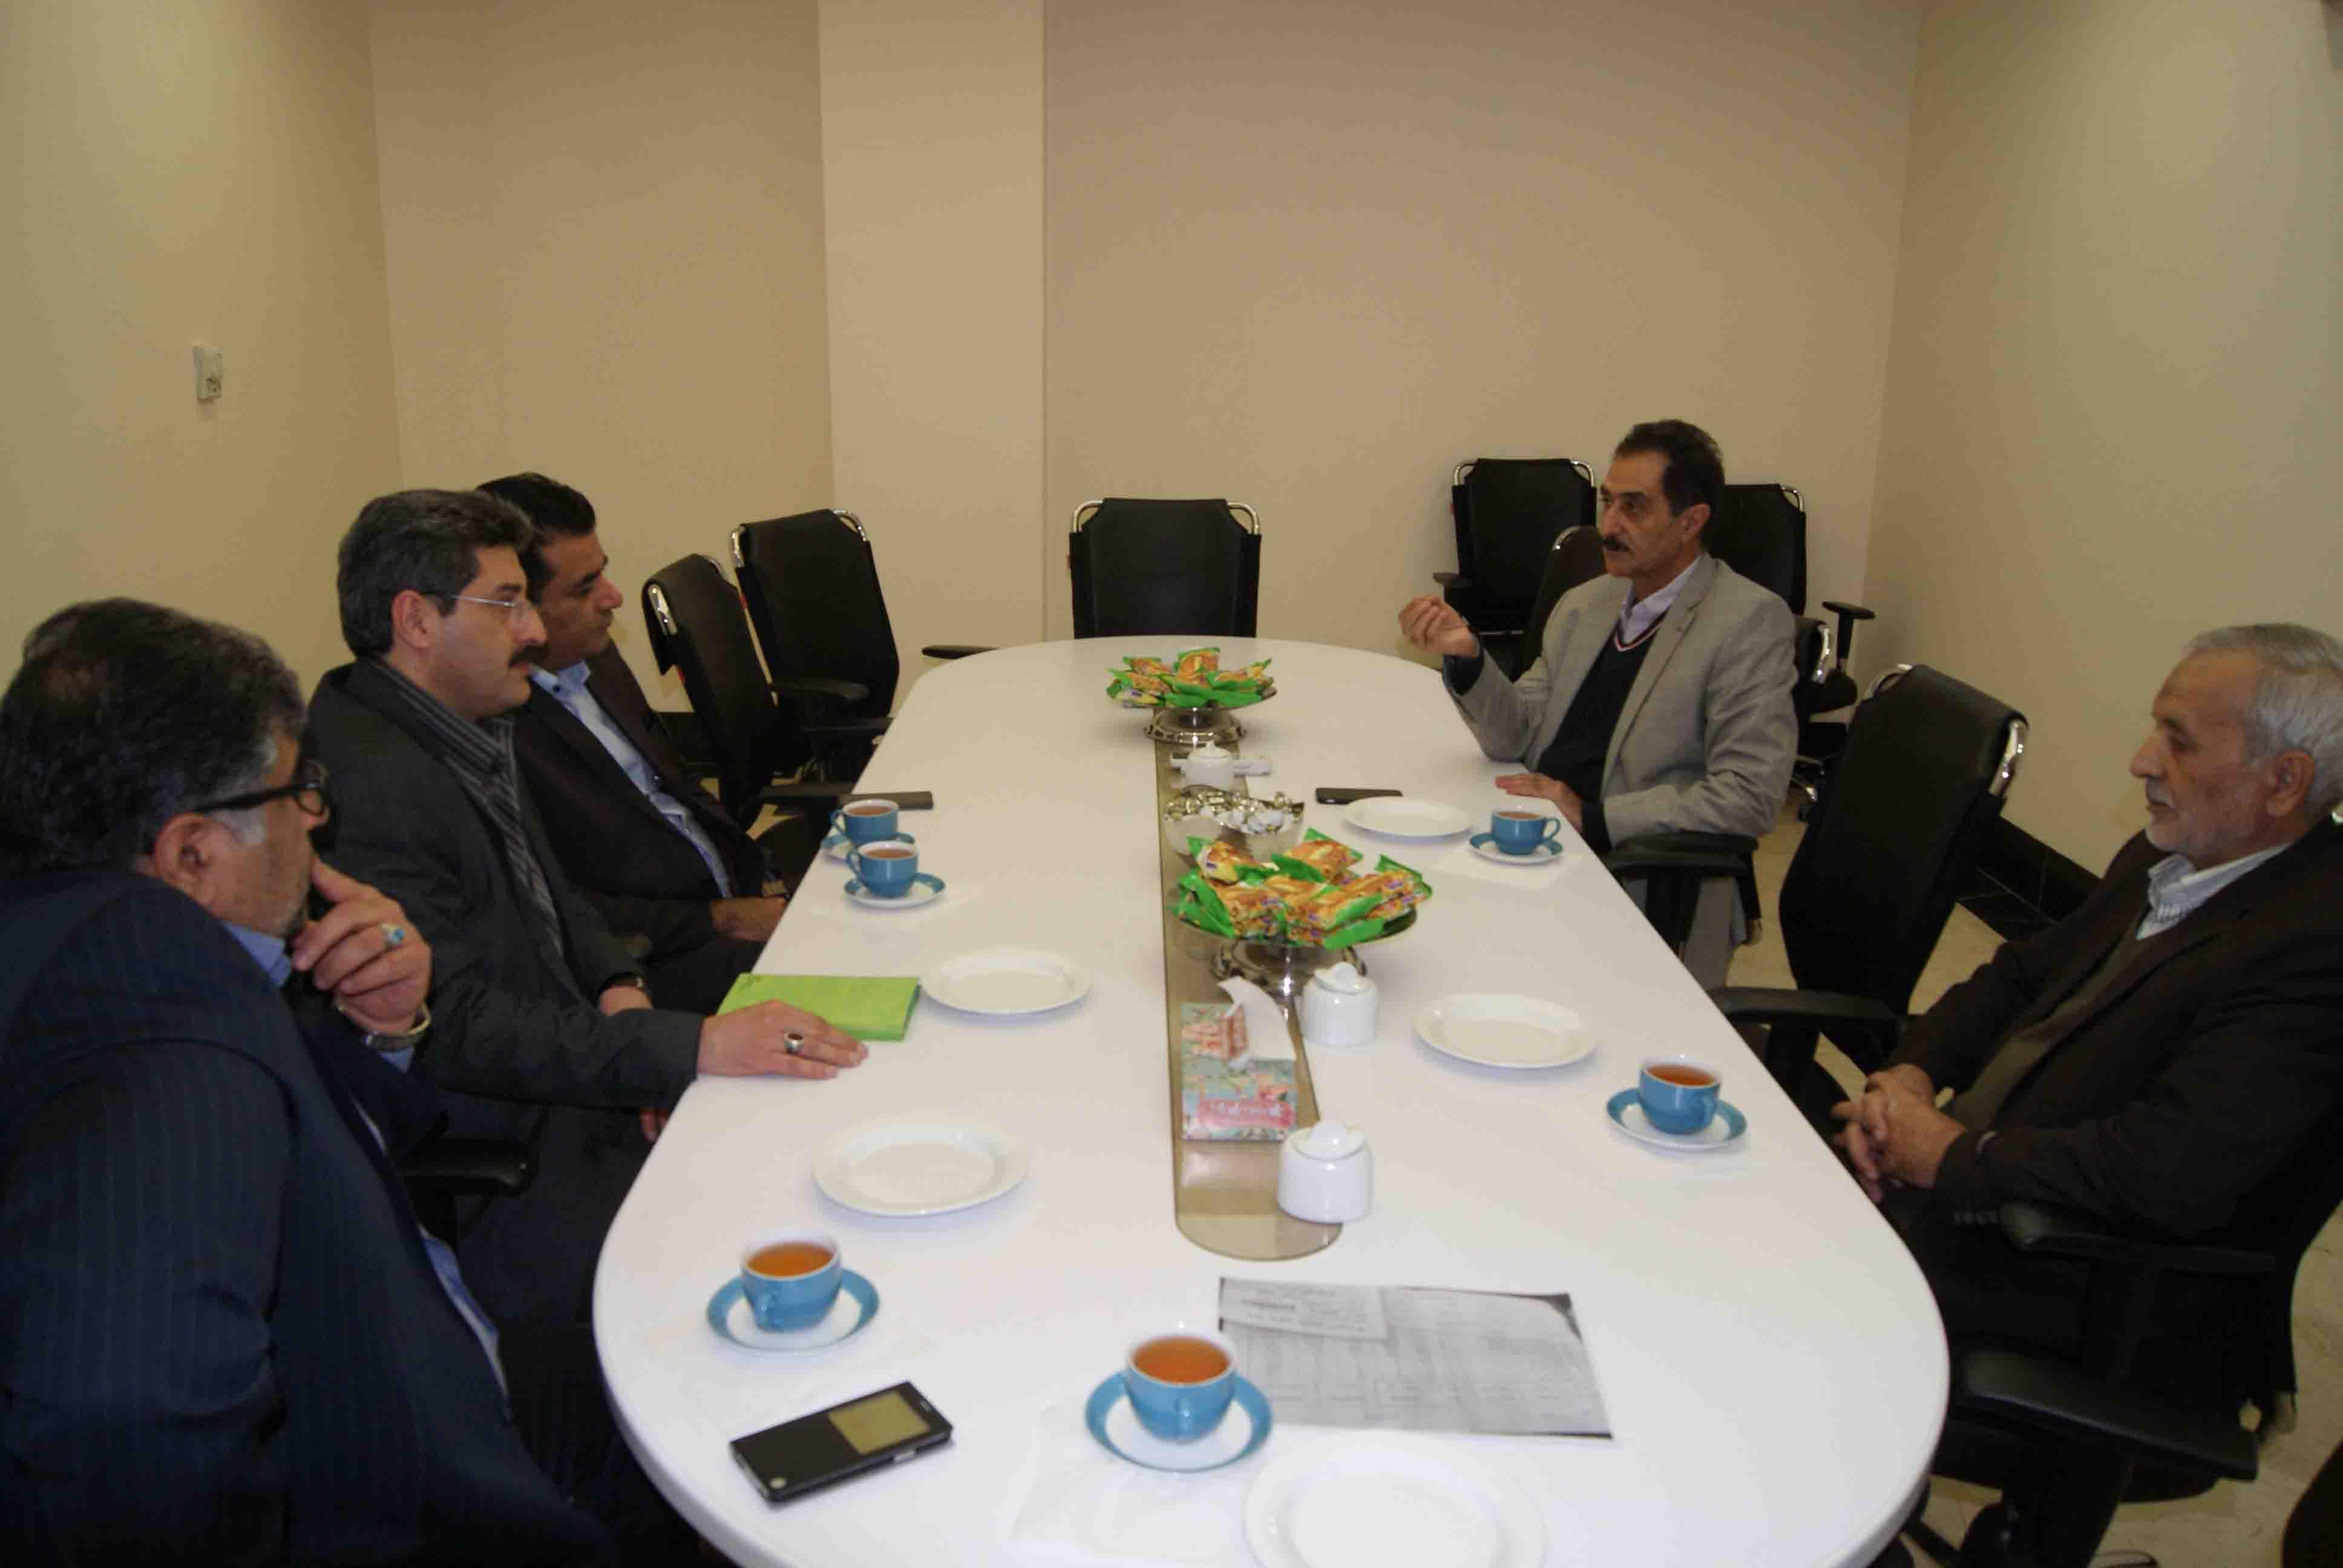 گزارش تصویری بازدید مدیریت شعب بانک کشاورزی استان از بیمارستان ایران مهر و پروژه مود